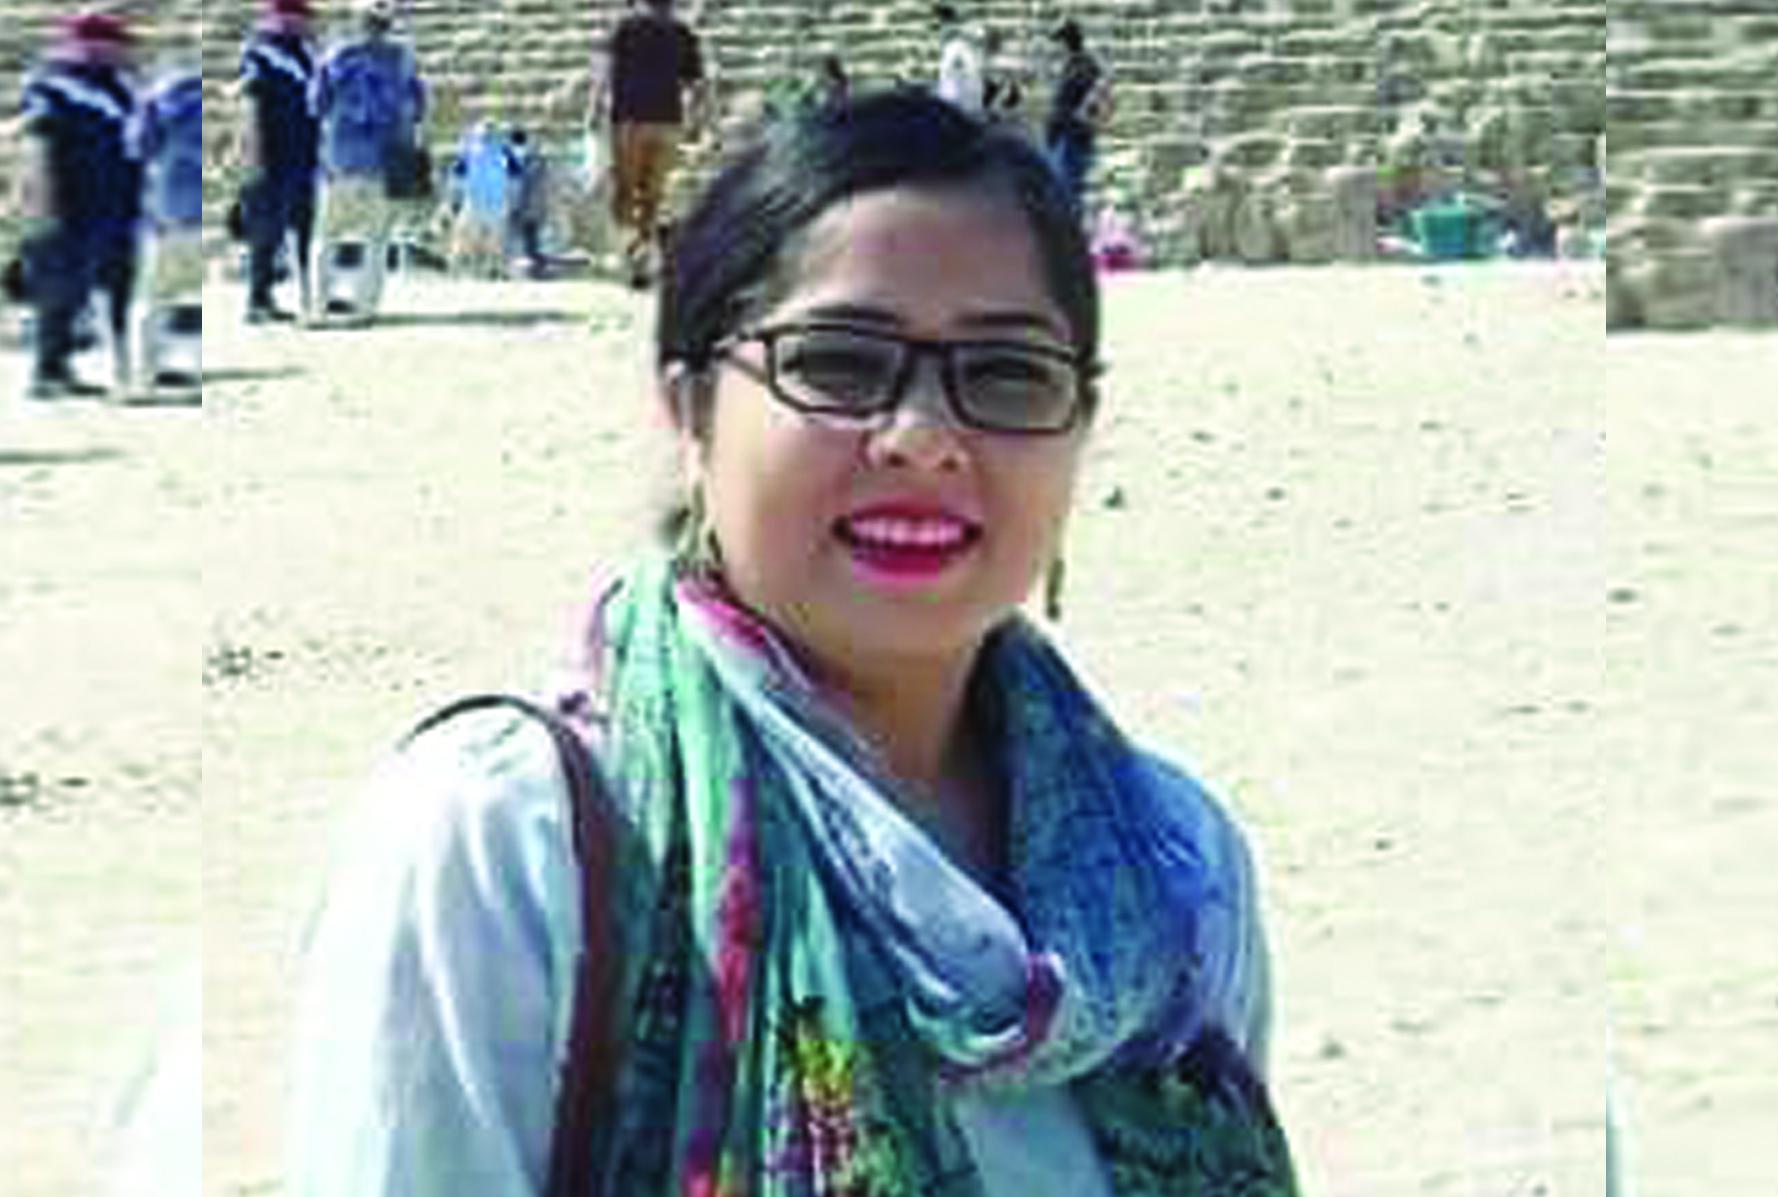 Saiqa Rani